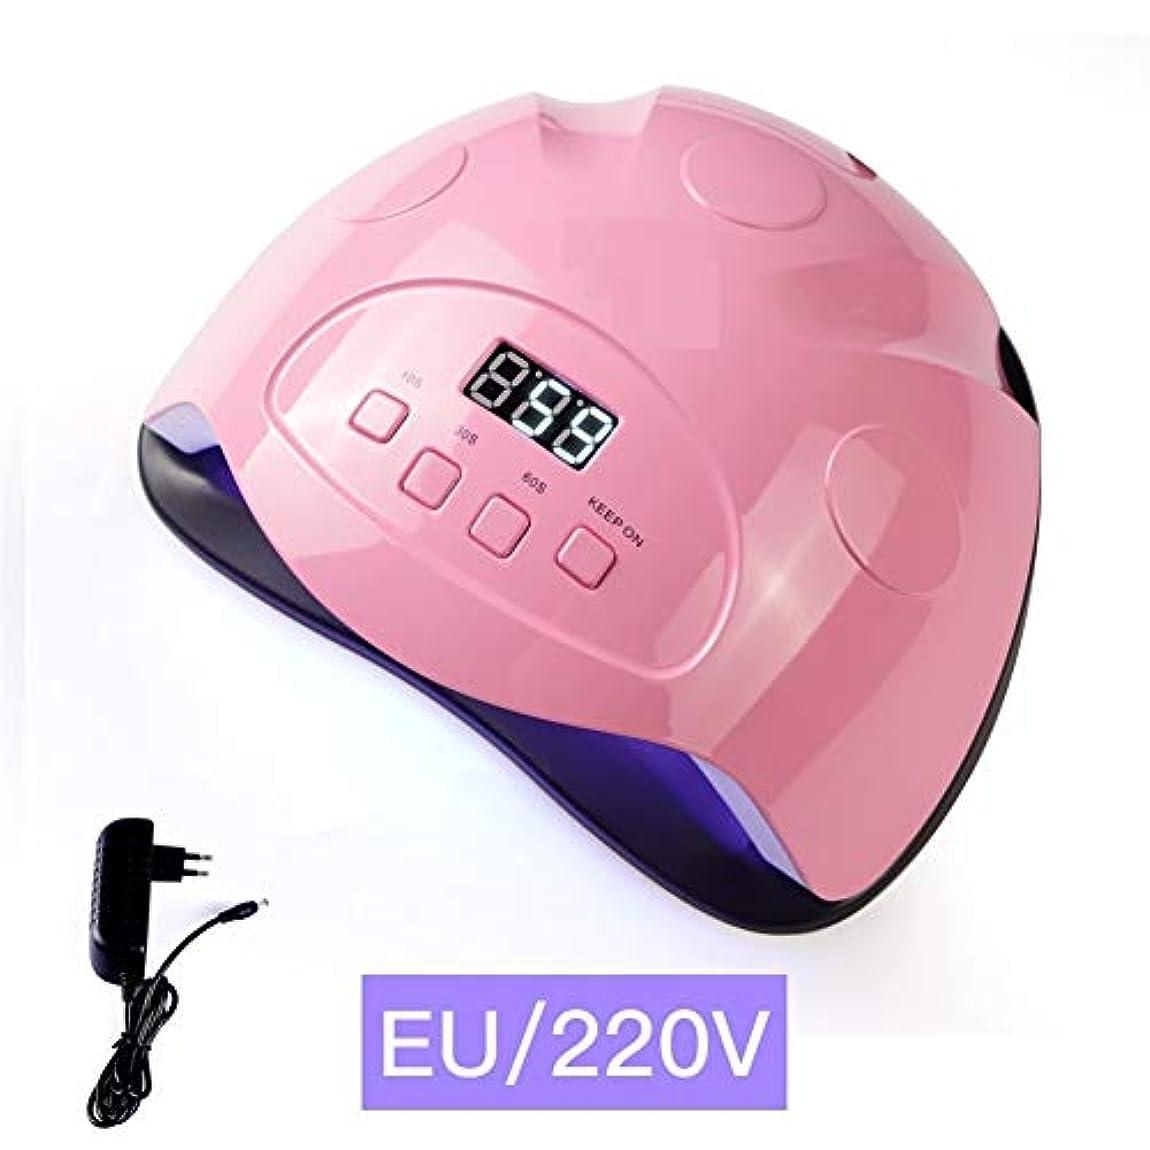 ハイライト免除つばLittleCat 42 90WランプビーズネイルポリッシュネイルグルーヒートランプLEDランプネイルUV誘導機 (色 : Pink euro)